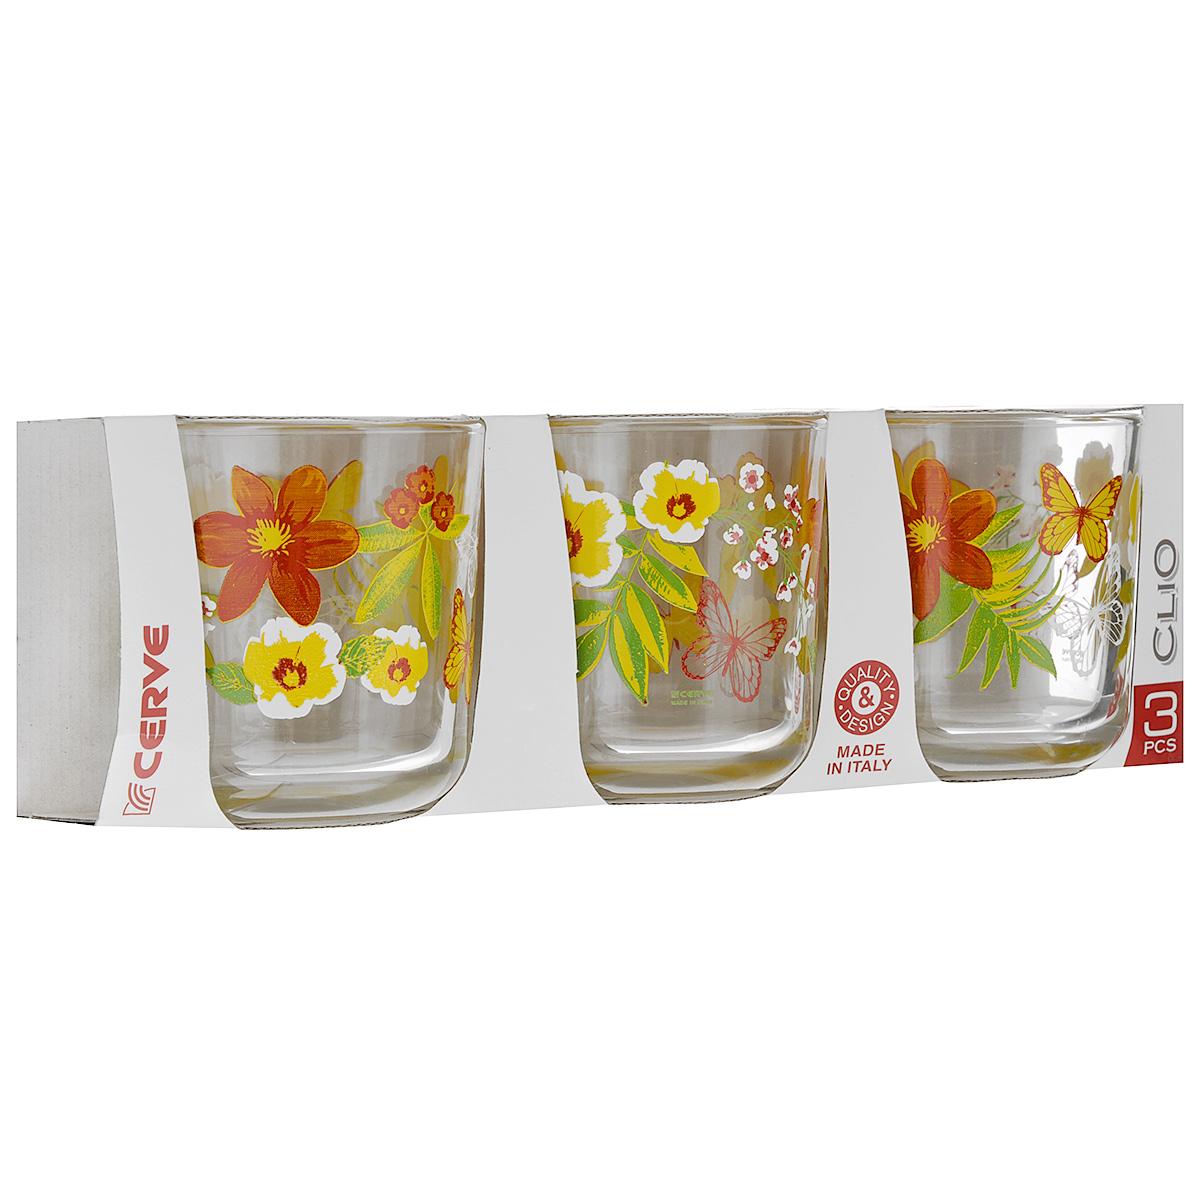 Набор стаканов Cerve Мираж, 280 мл, 3 штVT-1520(SR)Набор Cerve Мираж состоит из 3 стаканов, изготовленных из высококачественного стекла. Изделия оформлены изображениями цветов. Такой набор идеально подойдет для сервировки стола и станет отличным подарком к любому празднику. Разрешается мыть в посудомоечной машине. Диаметр стакана (по верхнему краю): 8 см. Высота стакана: 8,5 см.